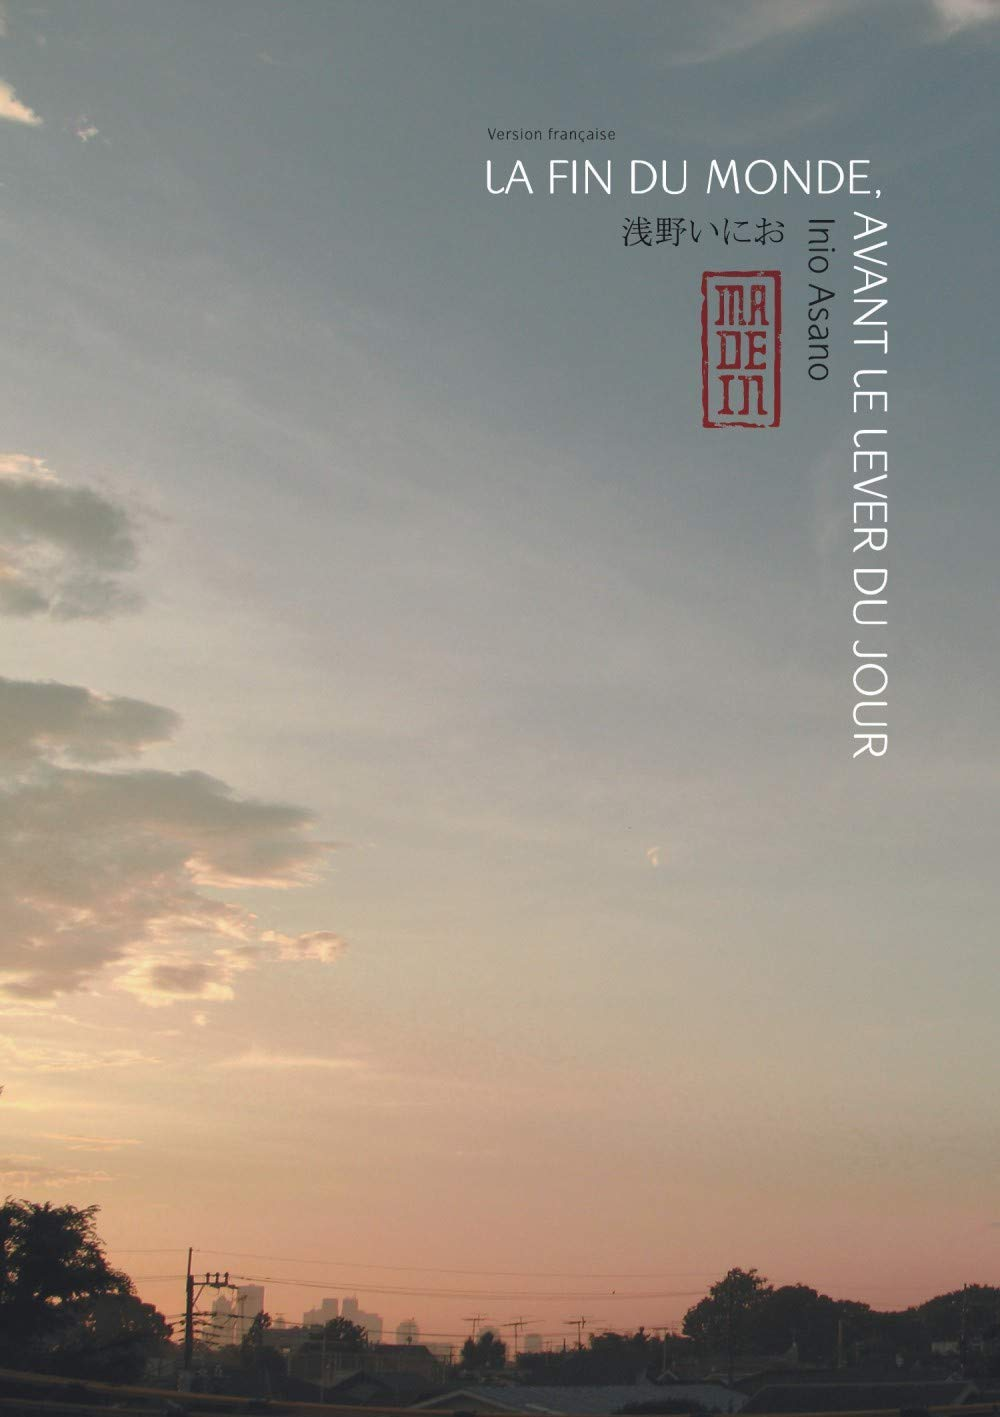 [MANGA] La fin du monde, avant le lever du jour La_fin10